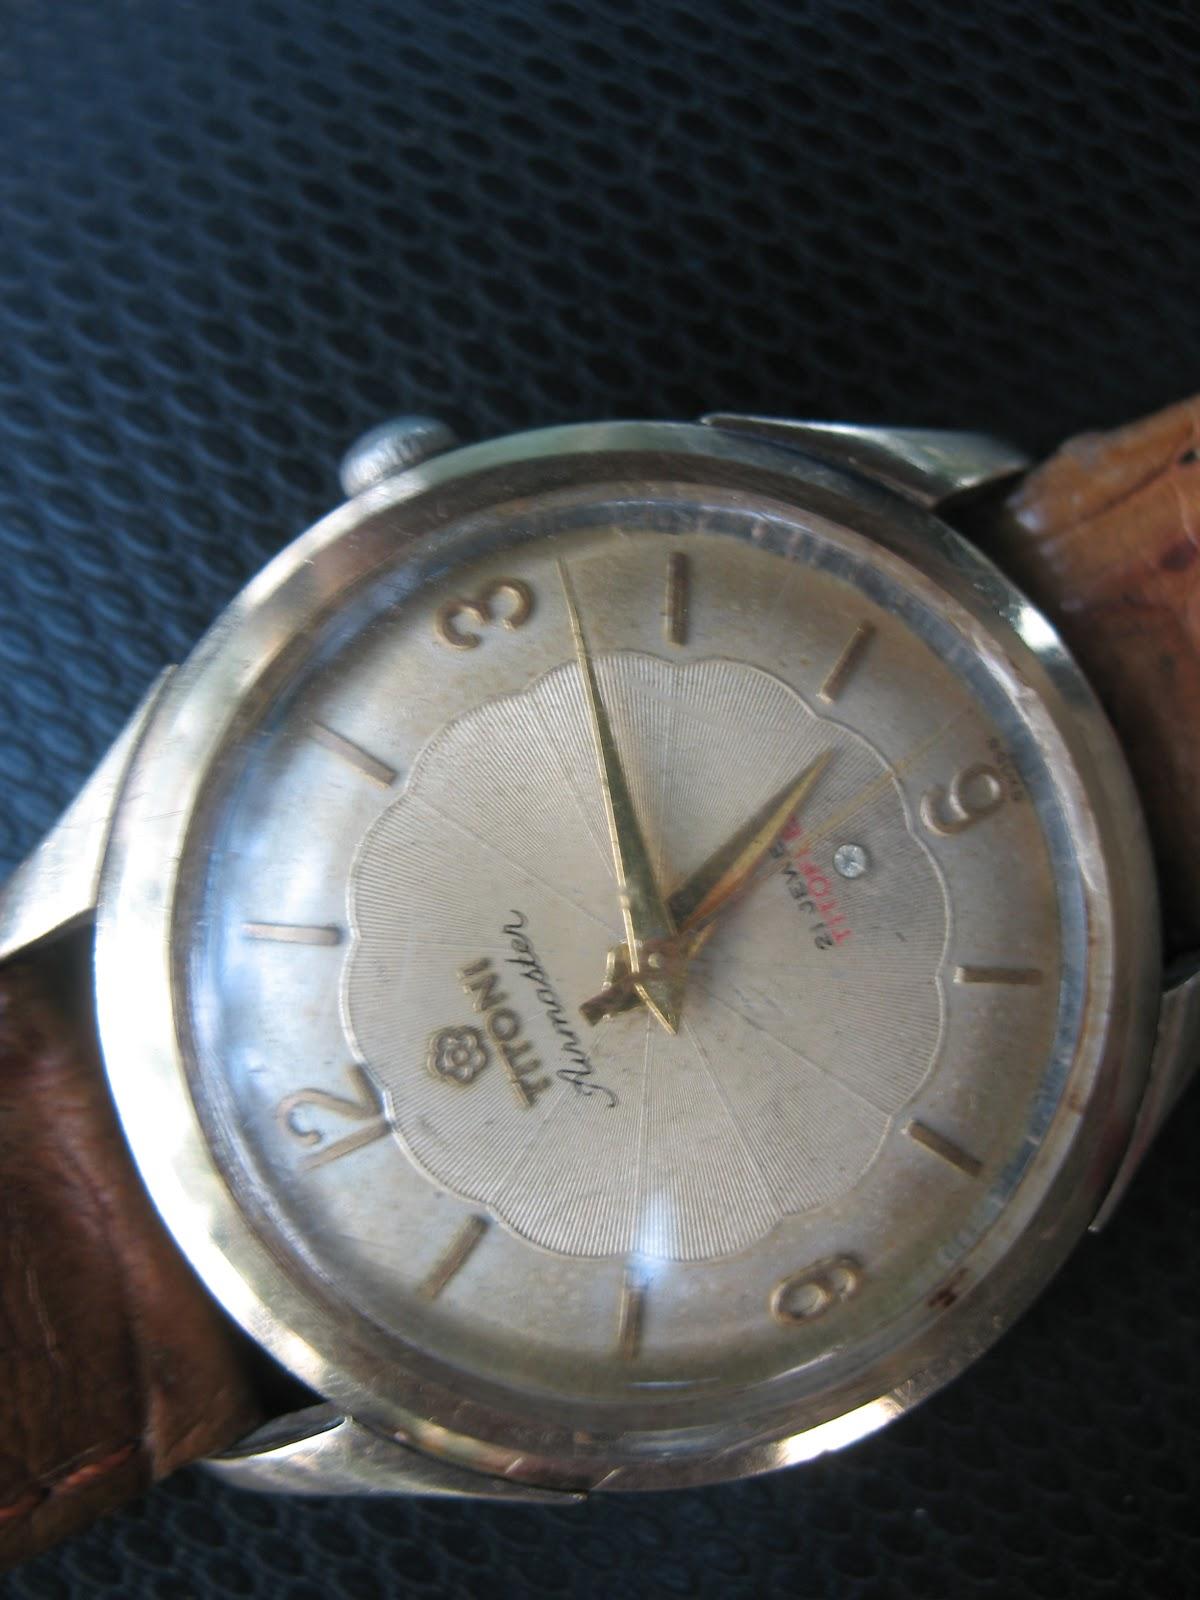 toko-jam.com on toko jam tangan antik: titoni airmaster gold top (sold)